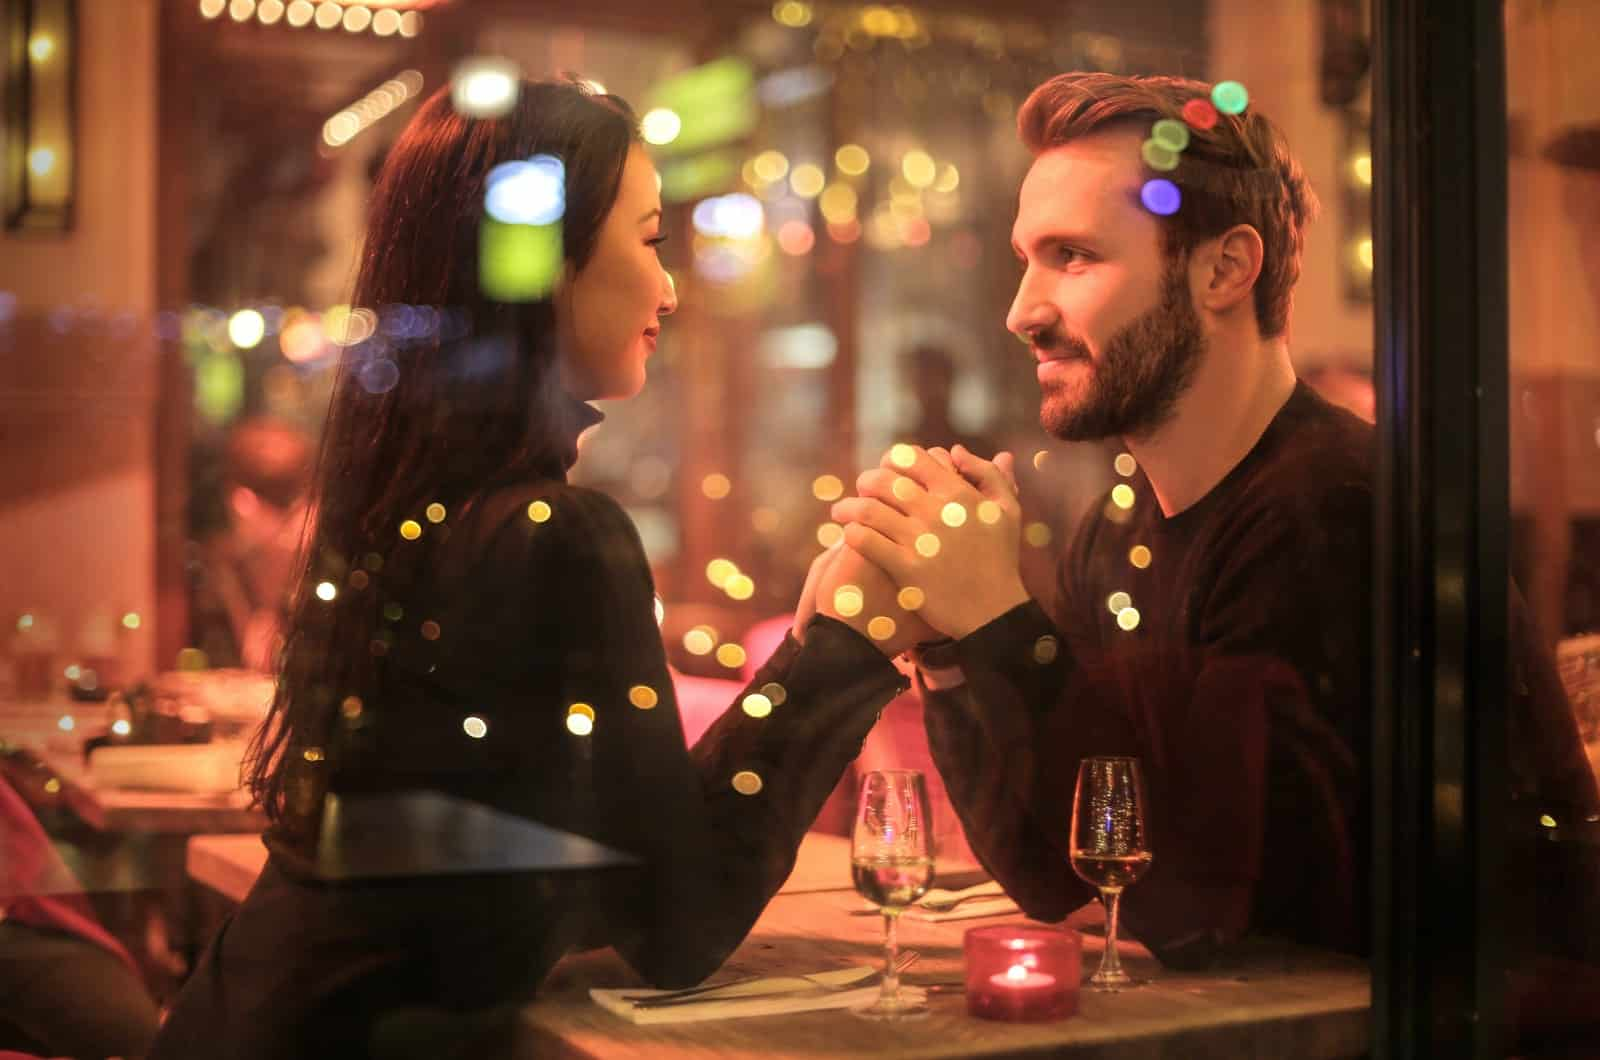 Mann und Frau bei einem Date im Gespräch